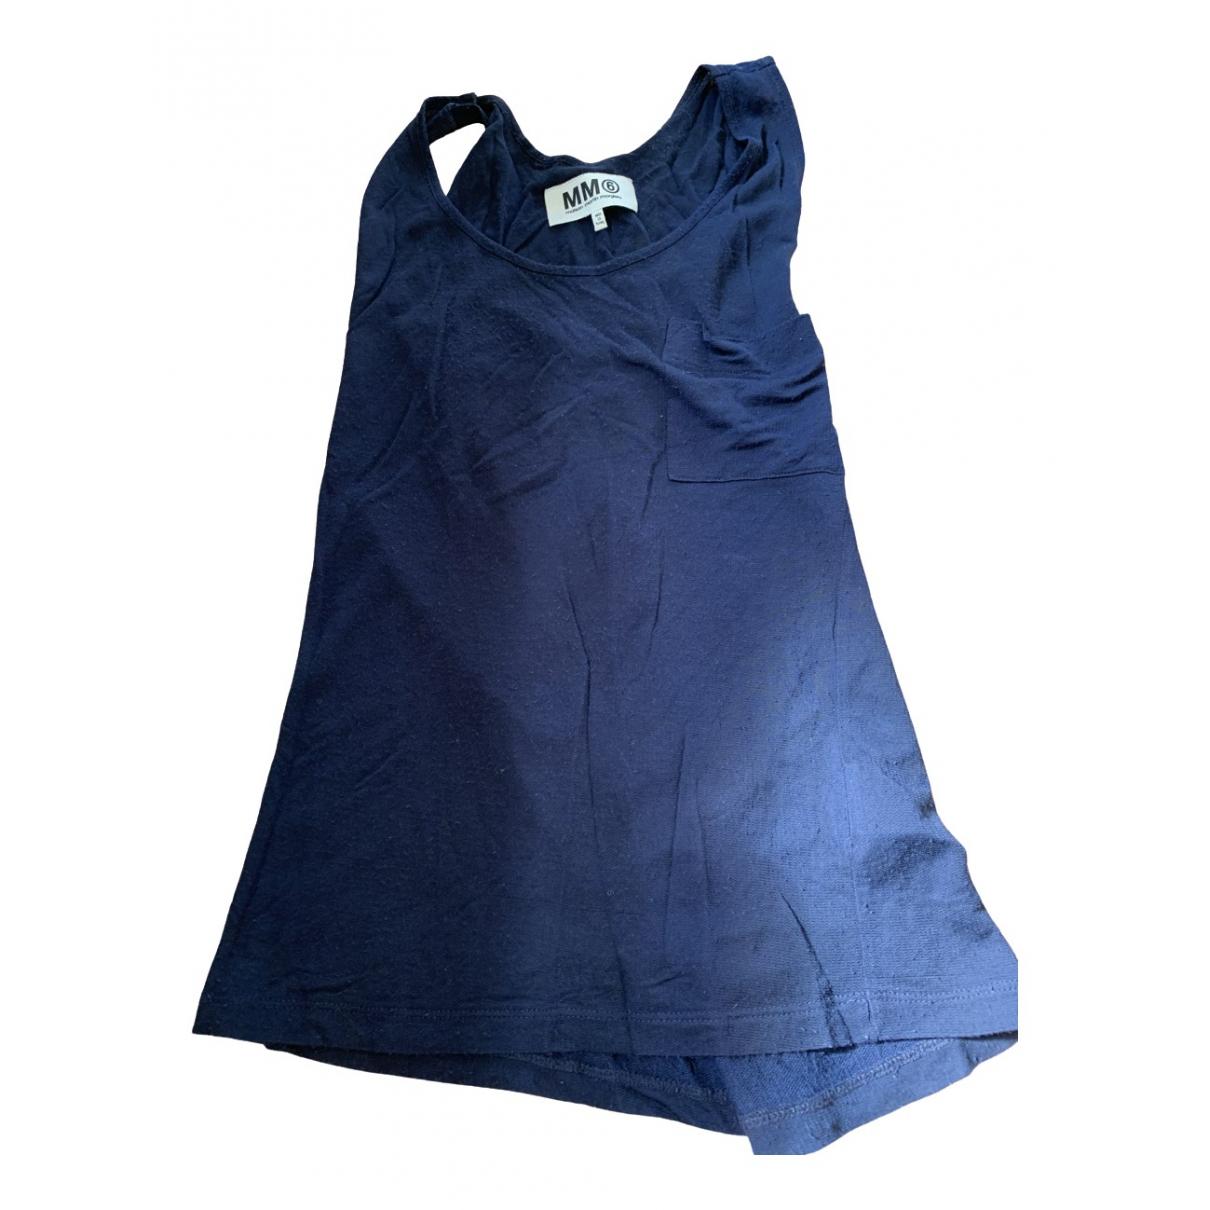 Mm6 - Top   pour femme - bleu